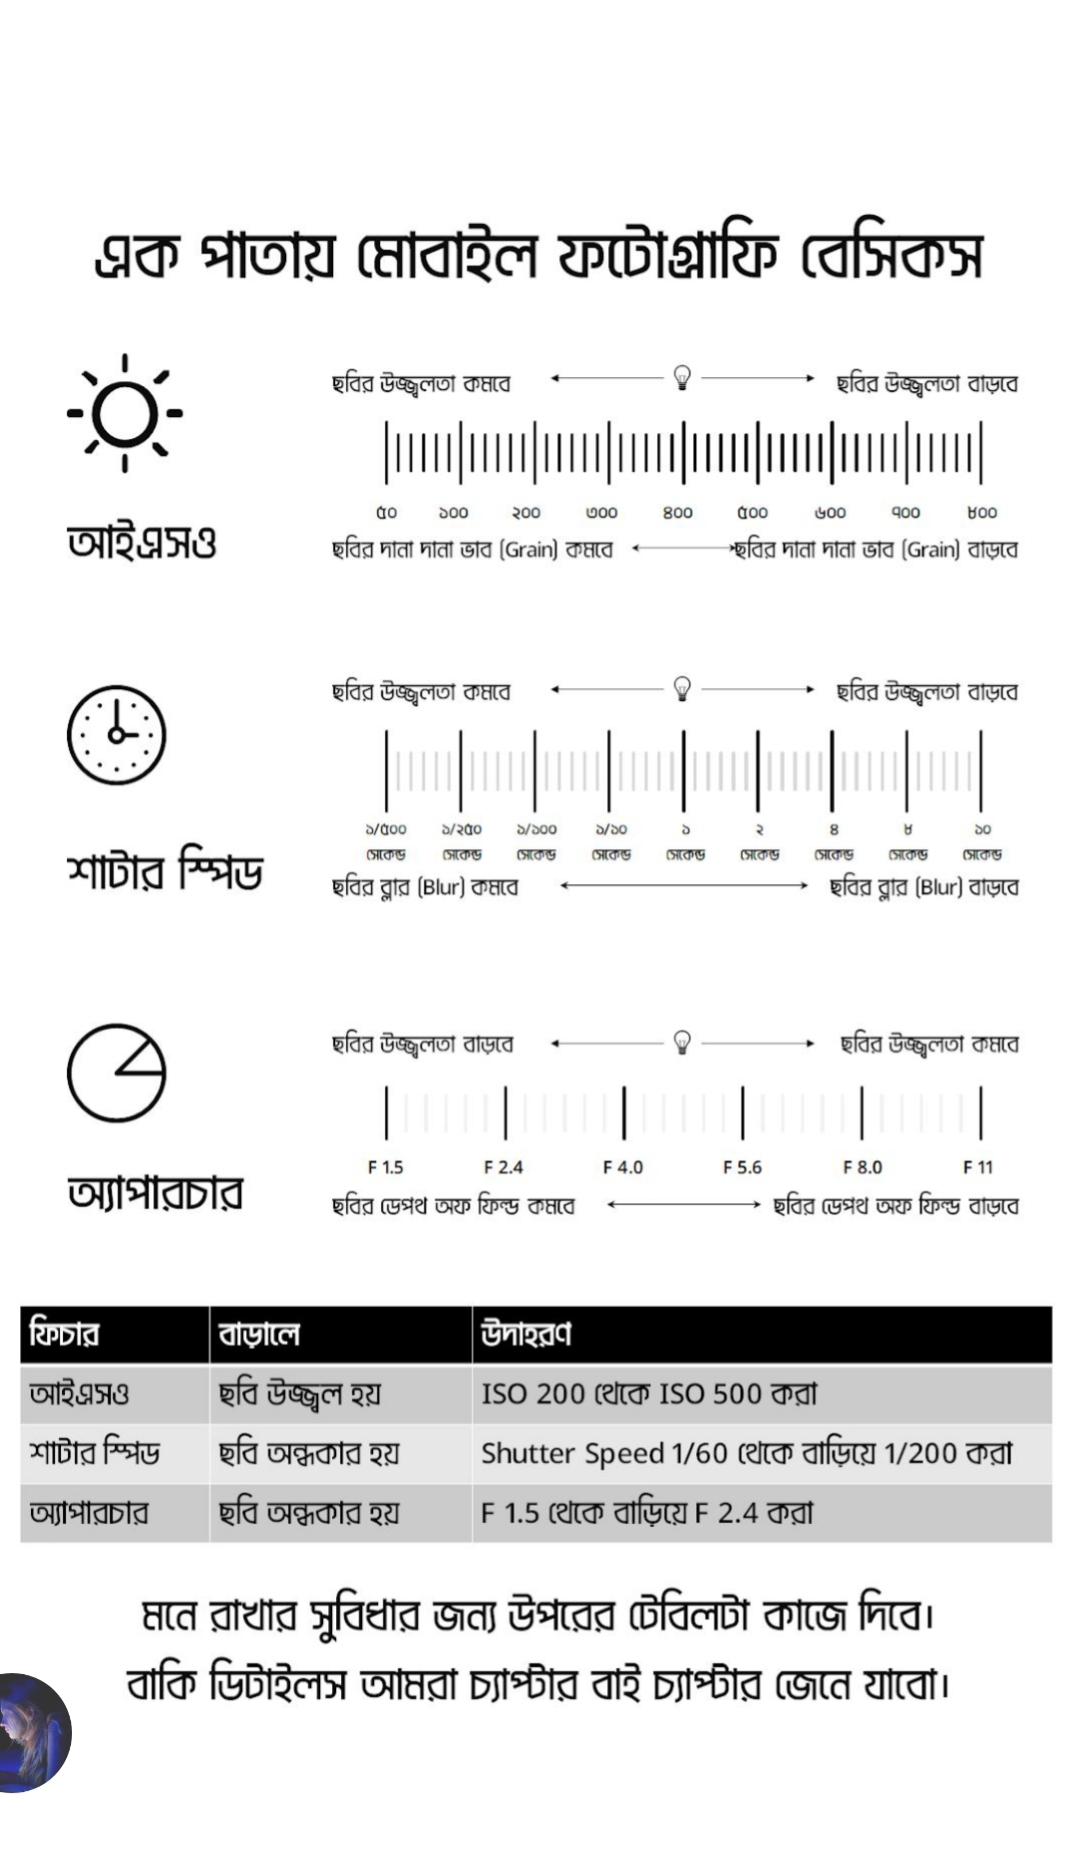 সাদমান সাদিক এর মোবাইল ফটোগ্রাফি PDF বইটি ফ্রিতে নিয়ে নিন।